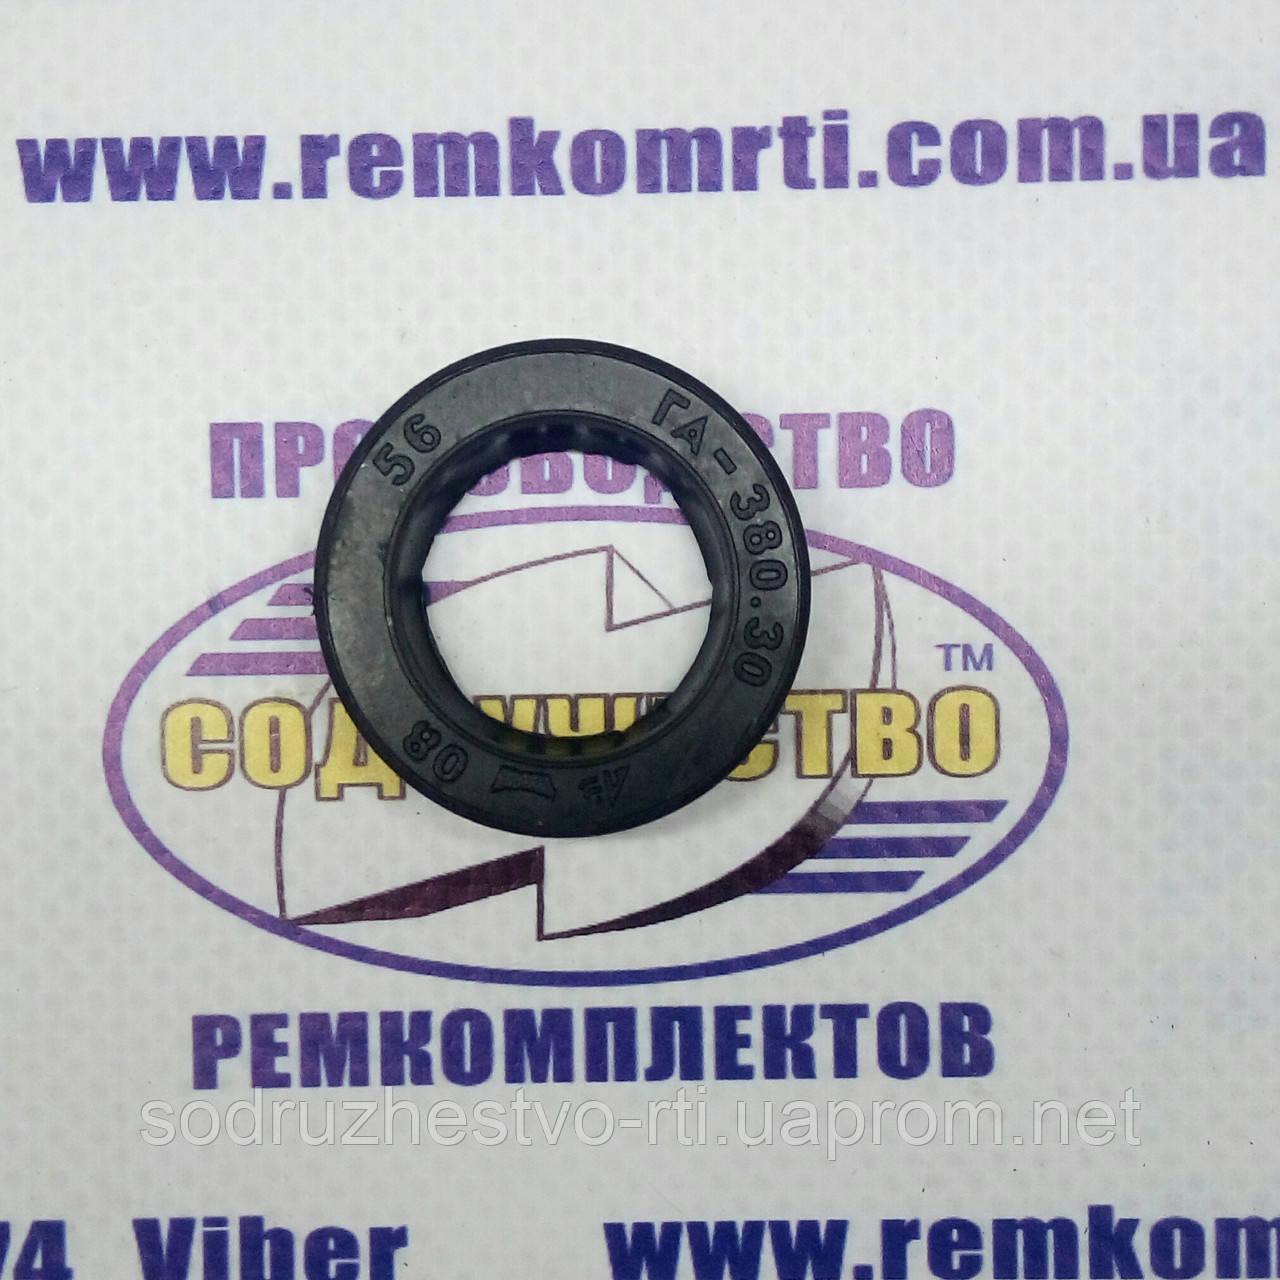 Грязесъемник резиноармированный ГА-380.30 ( 30x20x7.5)